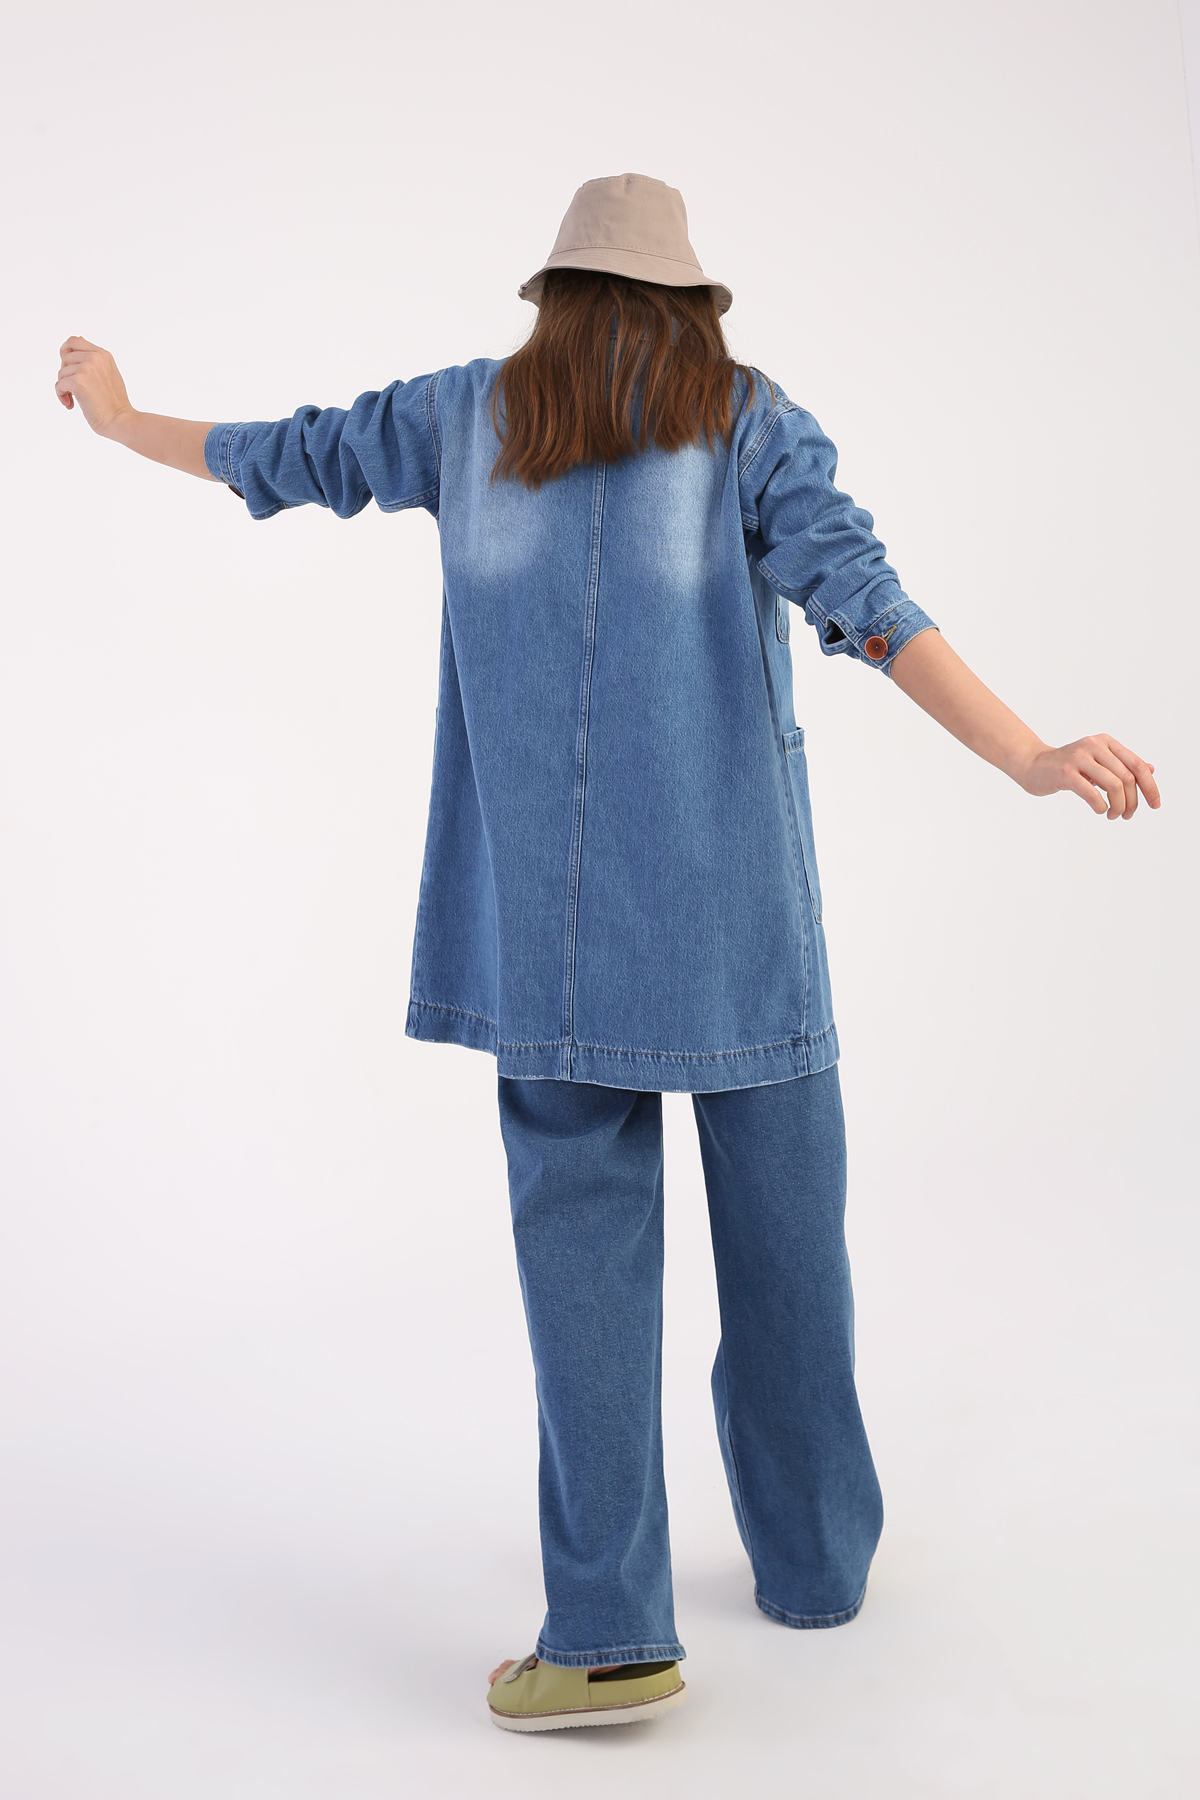 Comfy Denim Jacket With Pocket